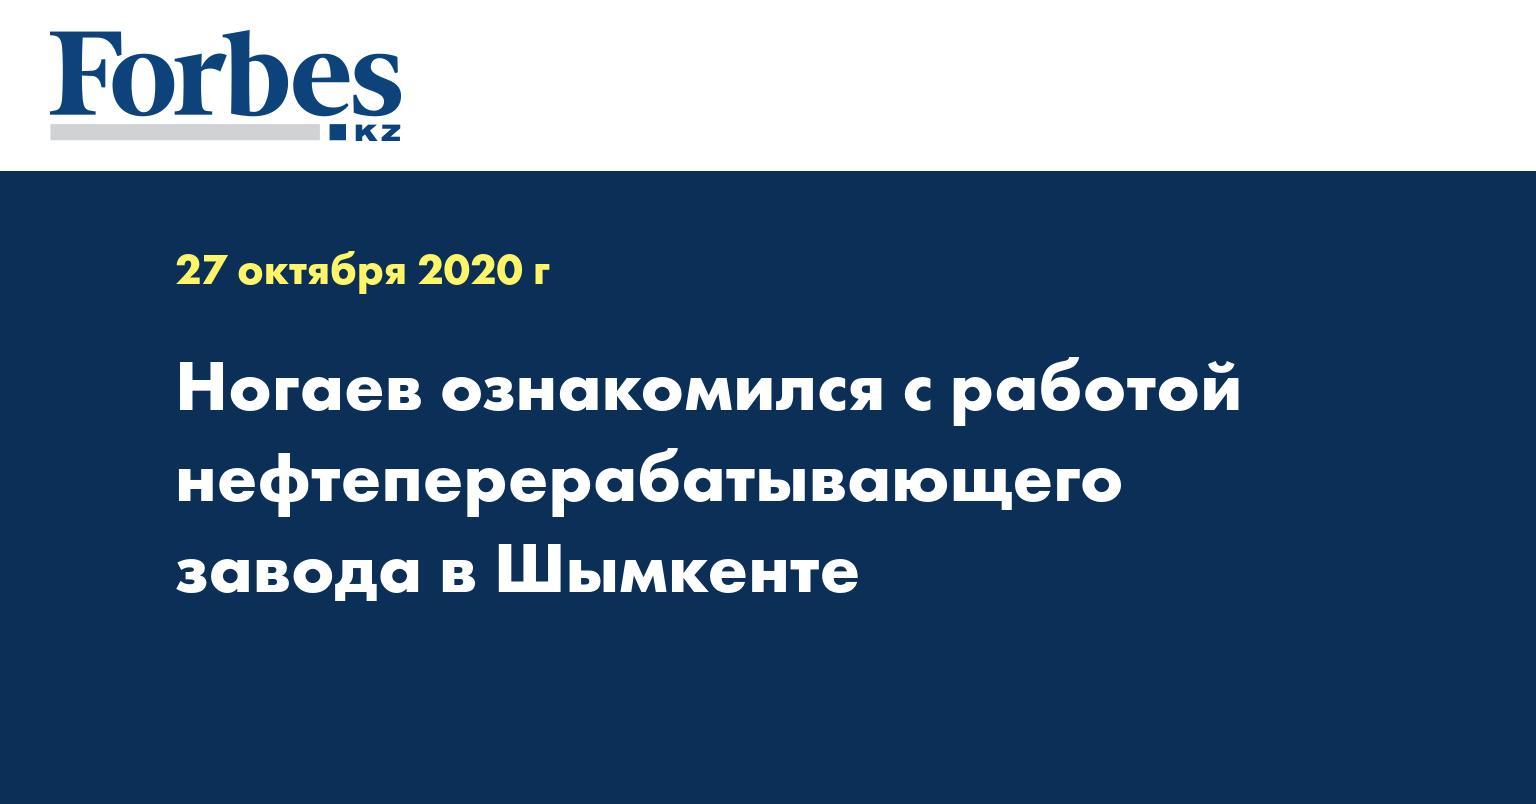 Ногаев ознакомился с работой нефтеперерабатывающего завода в Шымкенте